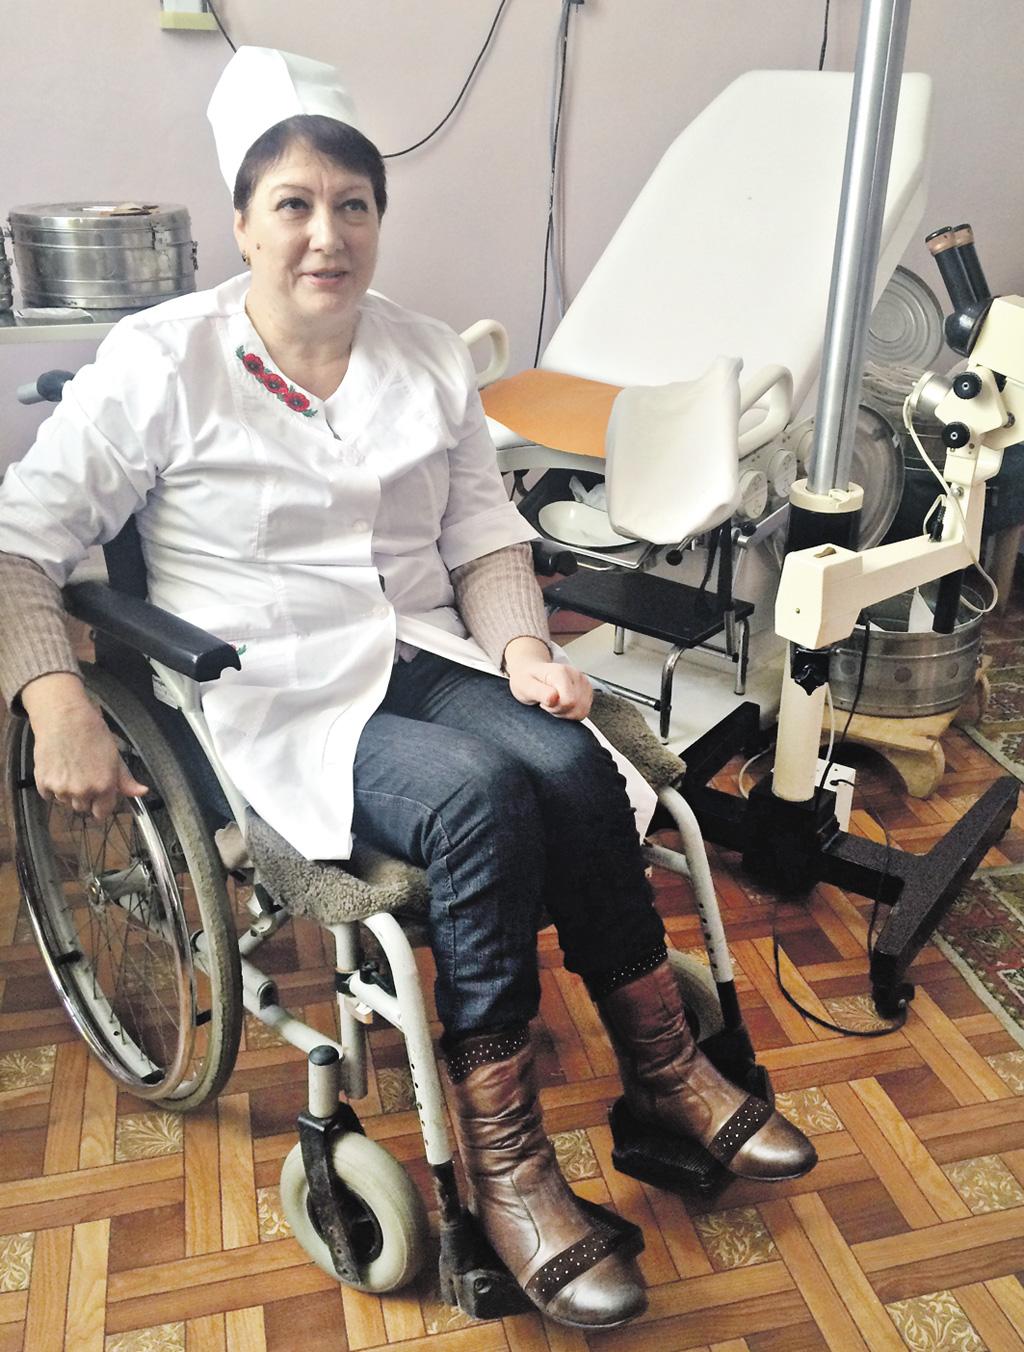 Рубрика: Дій активно! Живи позитивно! Єдина лікарка на візку в країні мешкає в Хмільнику